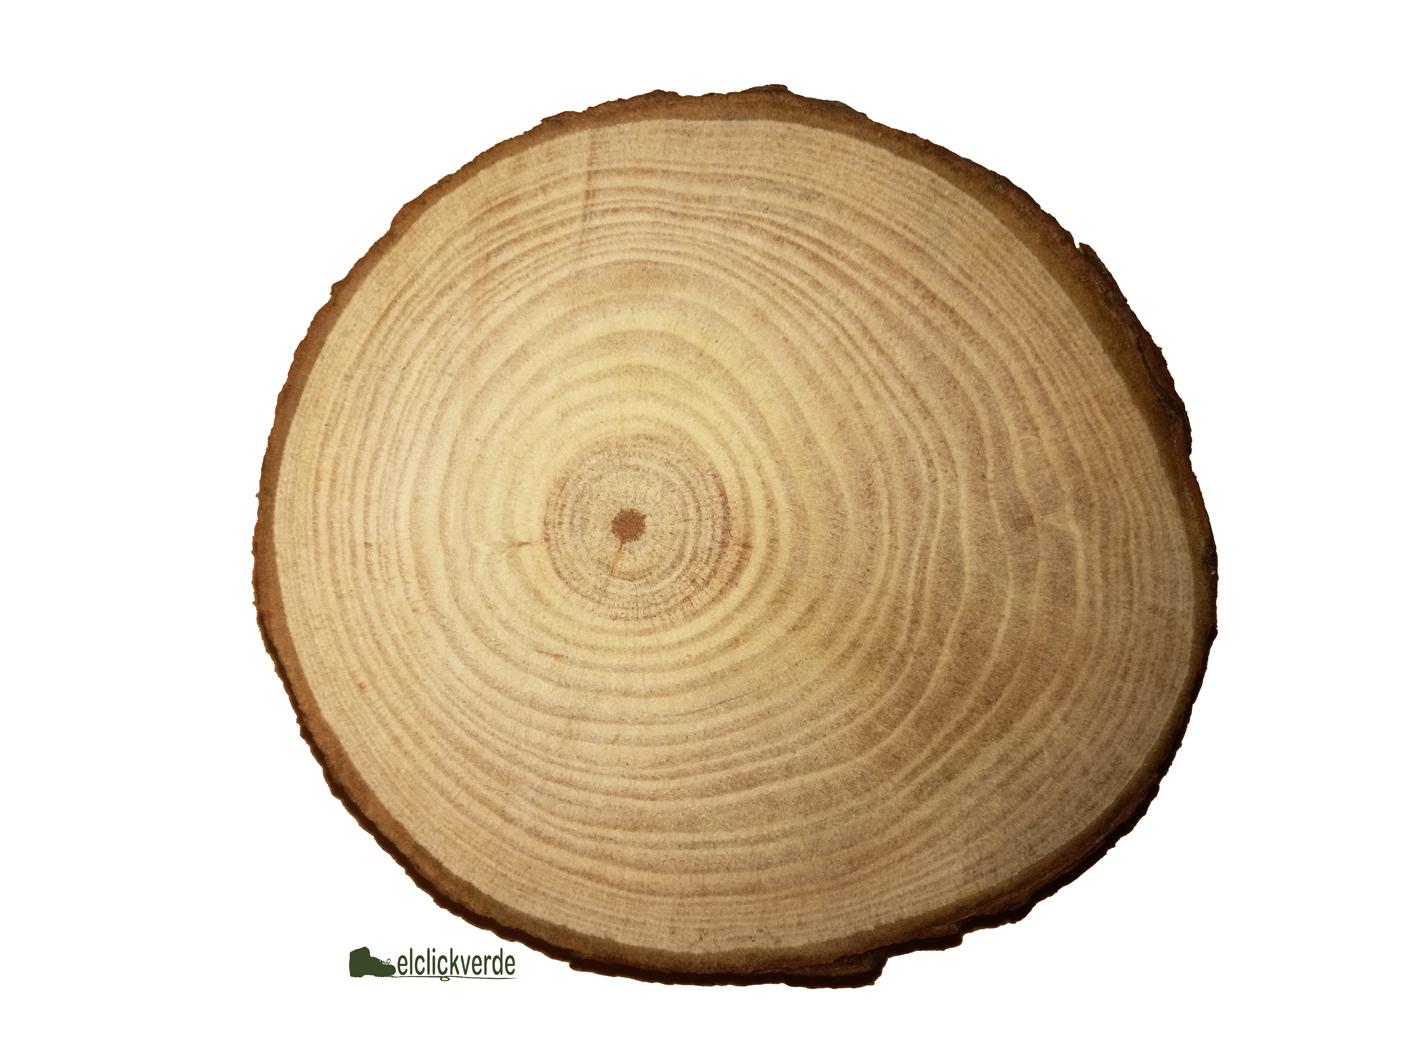 Corte de un tronco de pino, mostrando los anillos anuales de crecimiento. Imagen: ecv